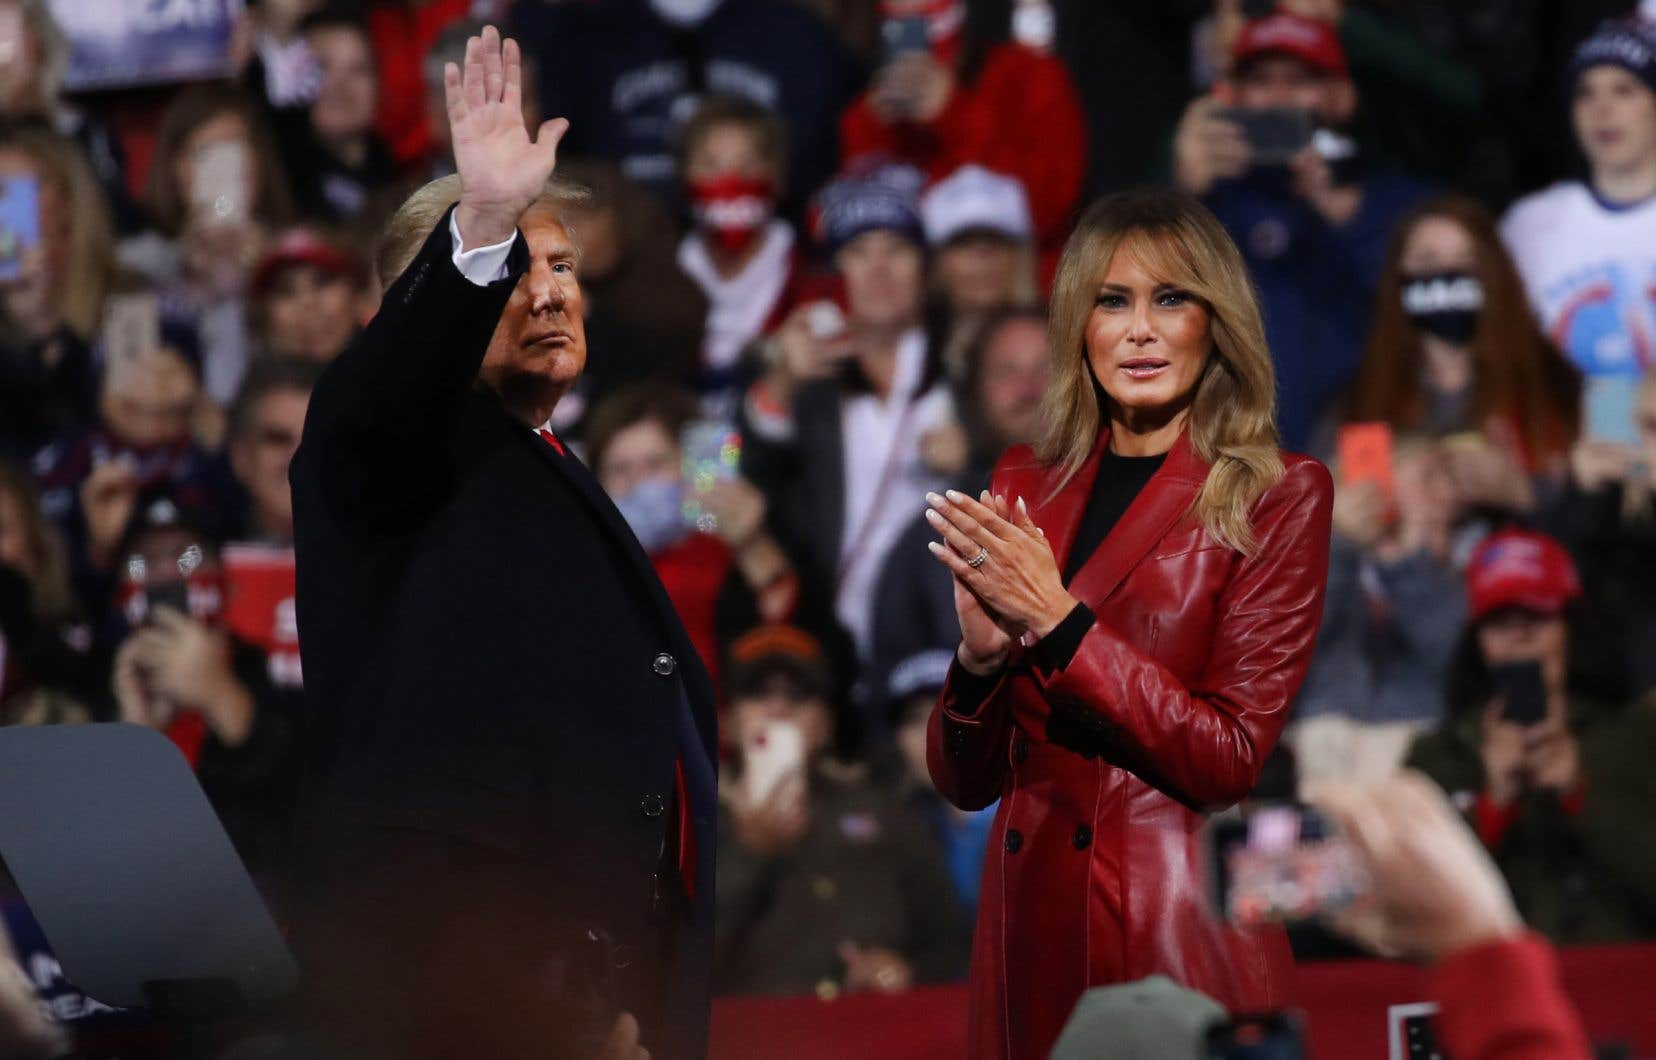 Le président Donald Trump et la première dame Mélania assistent à un rassemblement de soutien aux sénateurs David Perdue et Kelly Loeffler, samedi dernier.